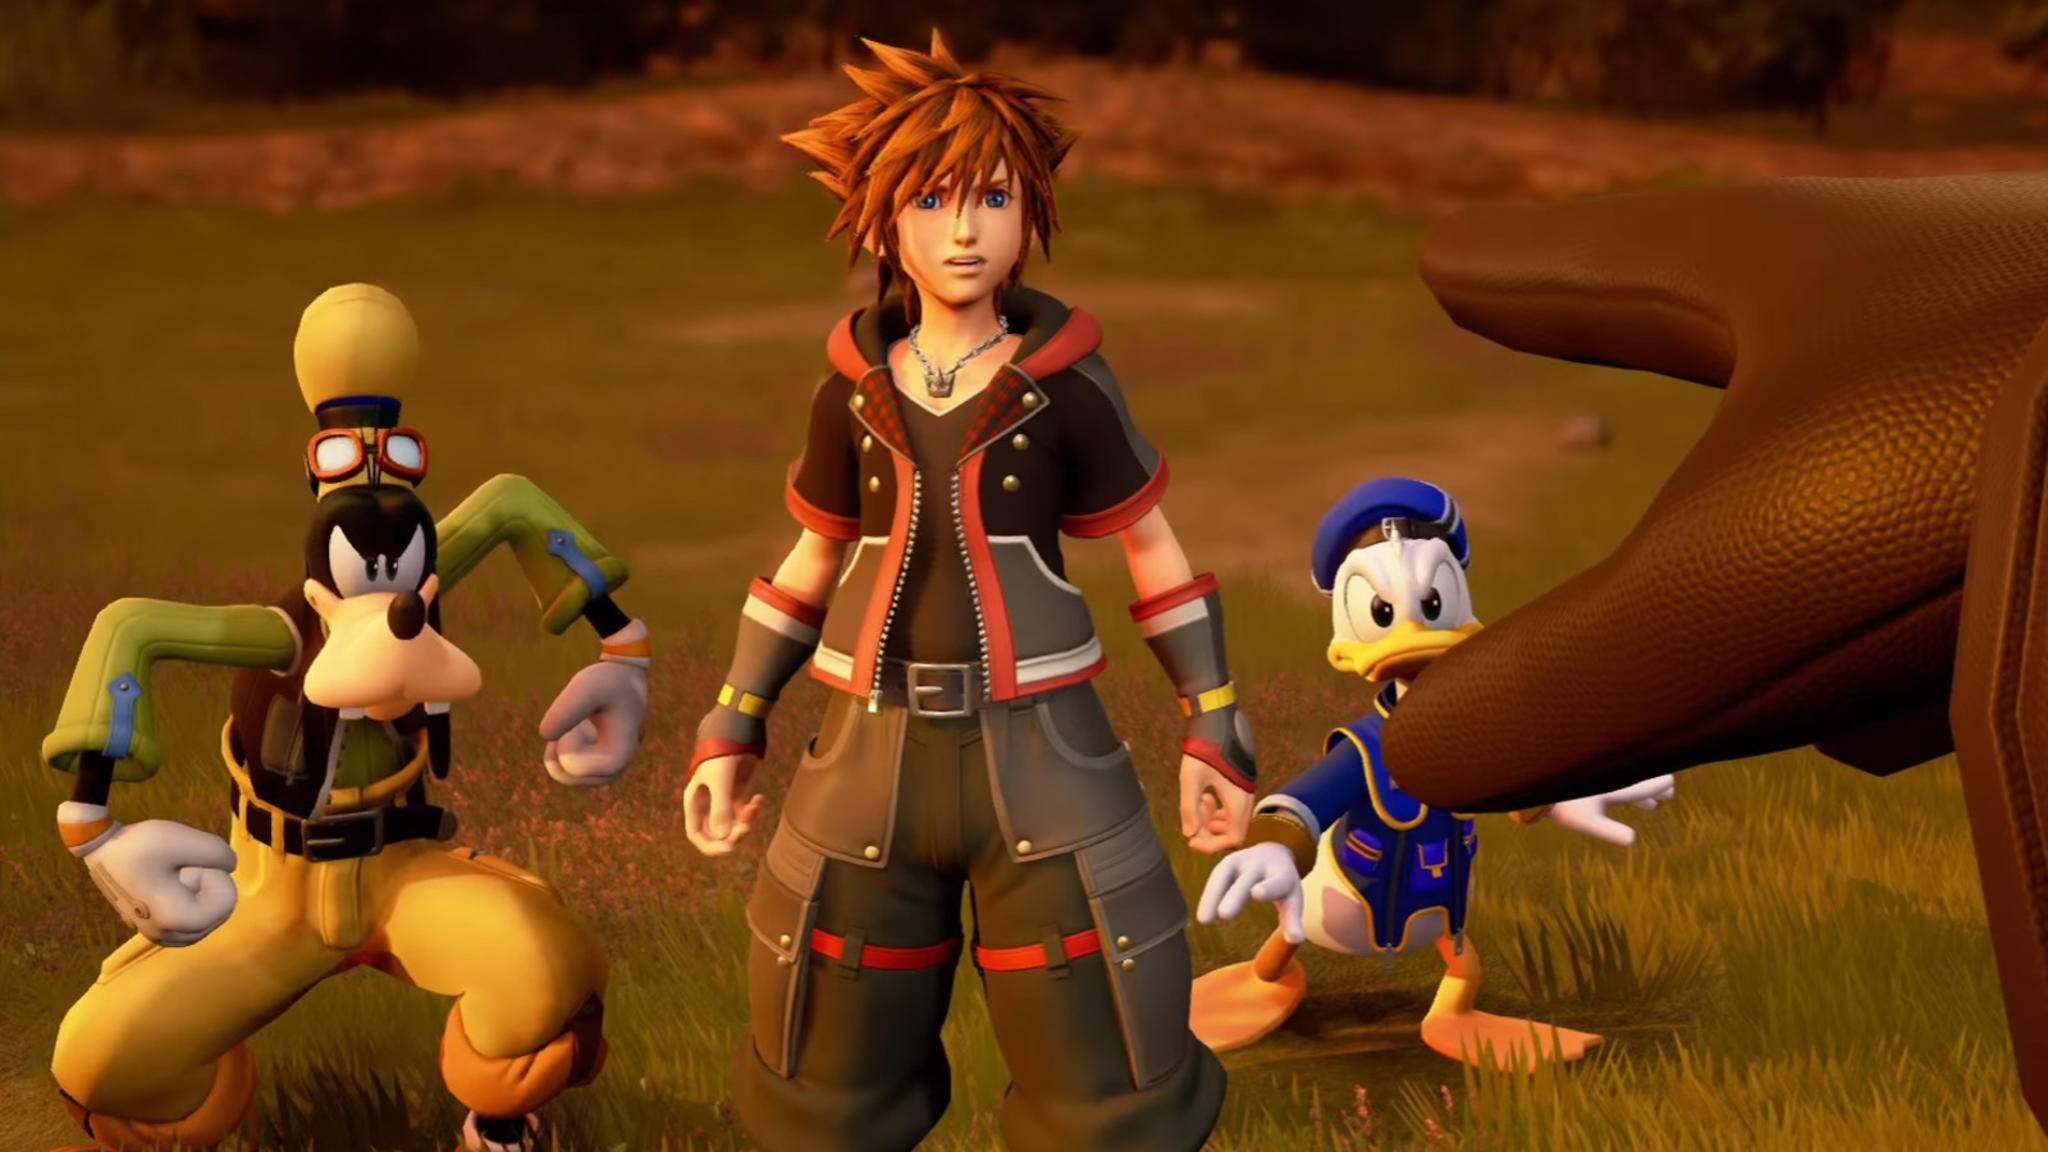 Kämpfen Sora, Goofy, Donald und Co. nur auf PS4 und Xbox One Seite an Seite?